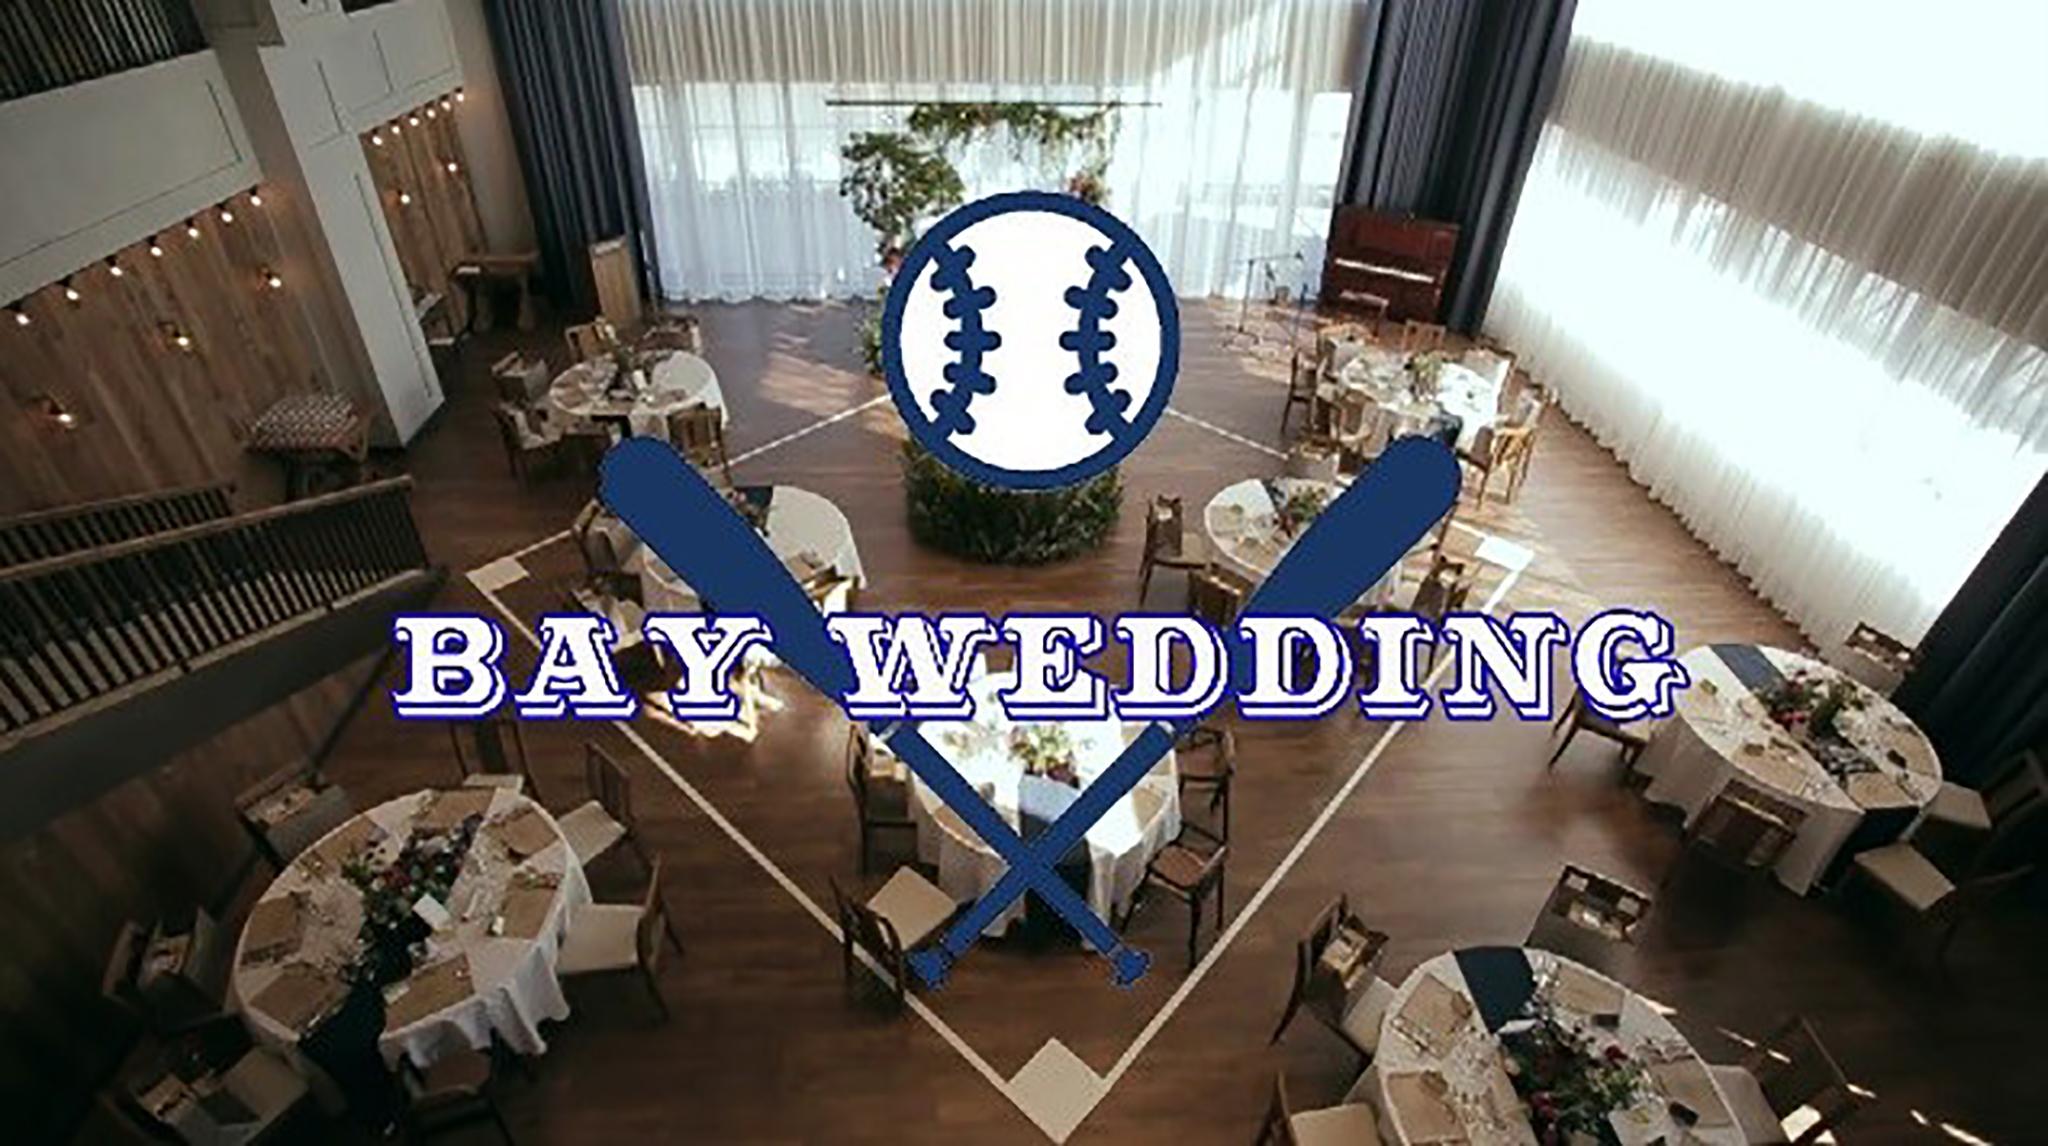 開式の合図はプレイボール! 野球愛が溢れる結婚式